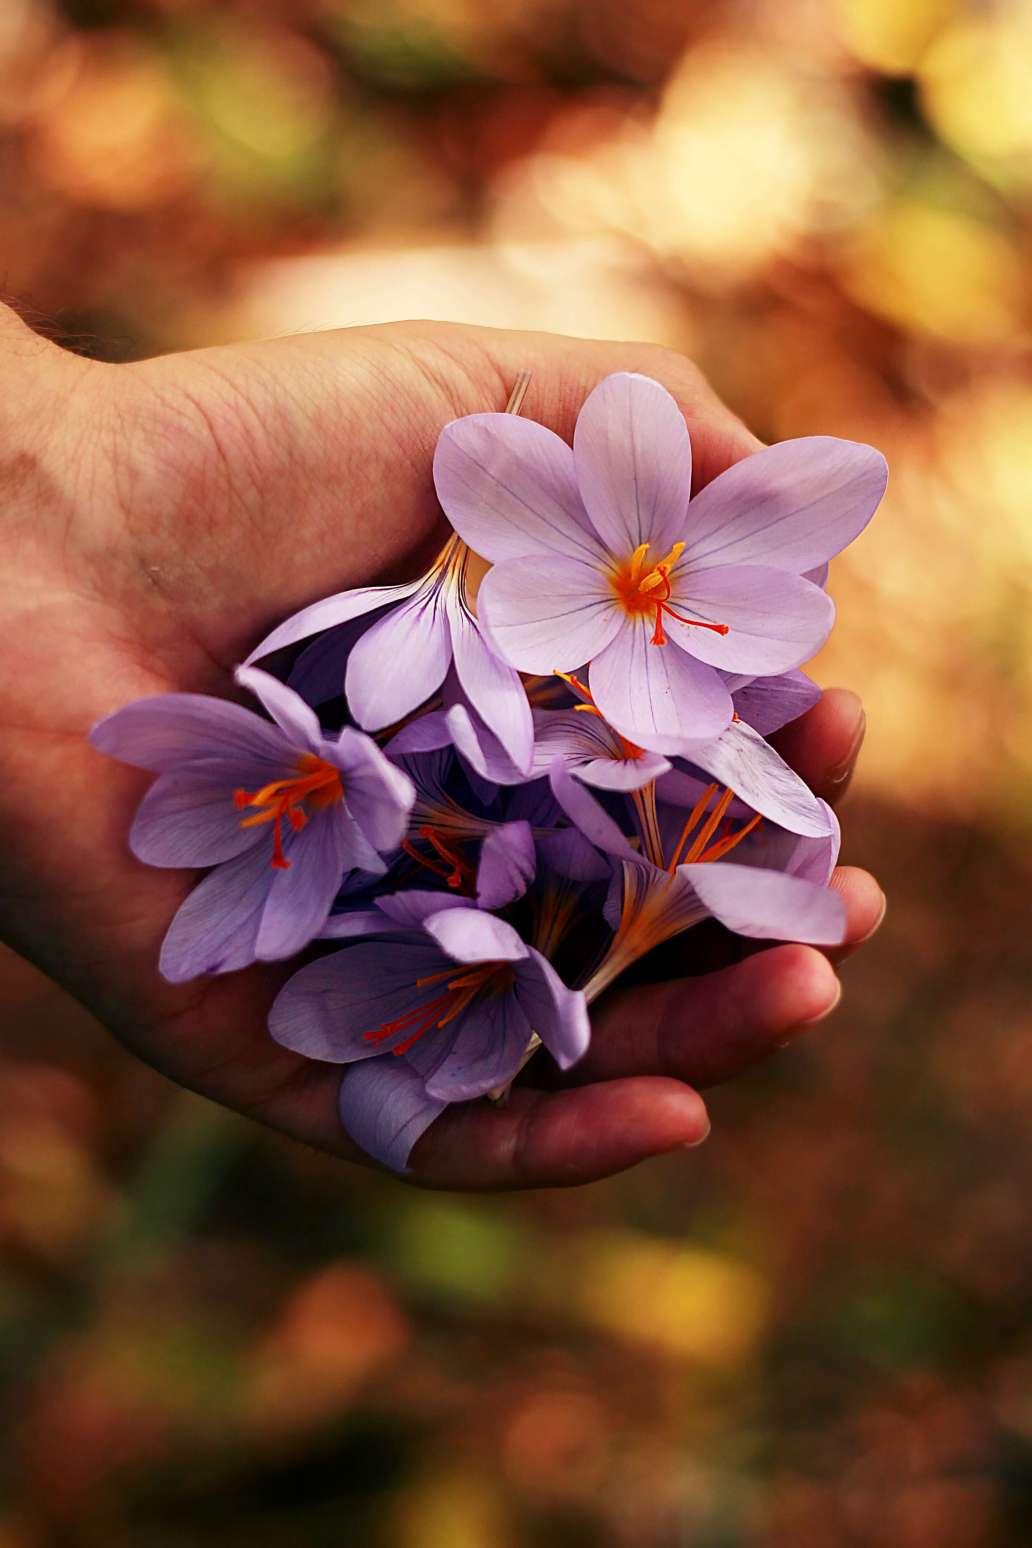 roberta sorge UvVVnUmW2mQ unsplash 2 1365x2048 - Comment aménager et préparer son jardin à l'arrivée du printemps